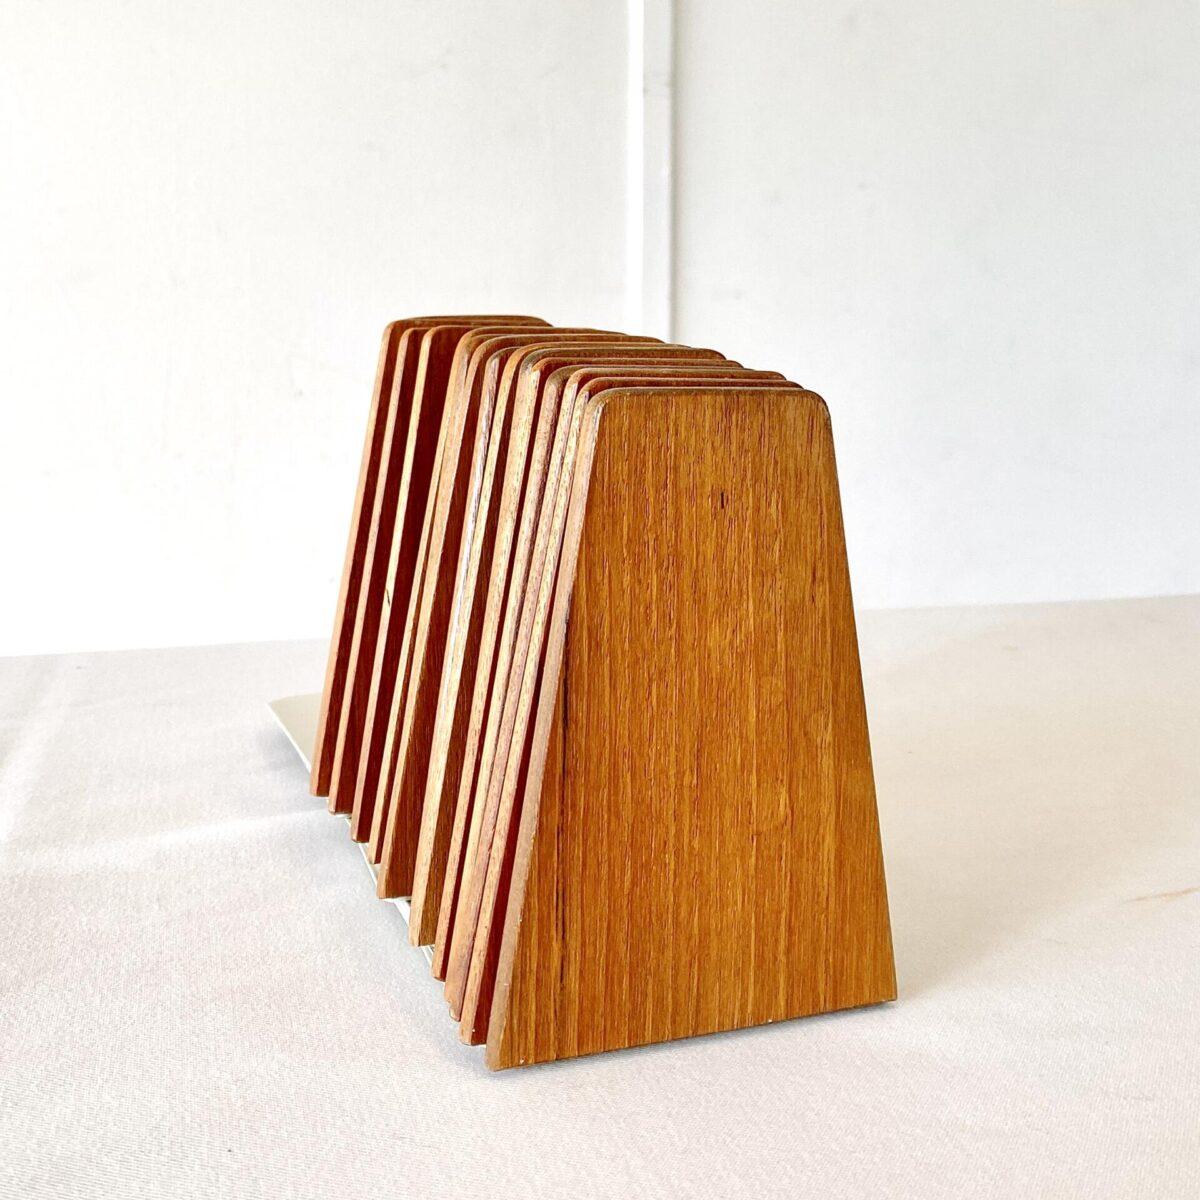 Deuxieme.shop danish midcentury teak Möbel. Teak Bücherstützen von Kai Kristiansen für FM aus den 60er Jahren. 14.5x9.5cm Höhe 12.5cm. Preis pro Stück. Die Buchstützen sind fein verarbeitet und in schönem vintage Zustand. Passend zu String oder Teleskopregalen. Die Metall Grundplatte ist grau lackiert.